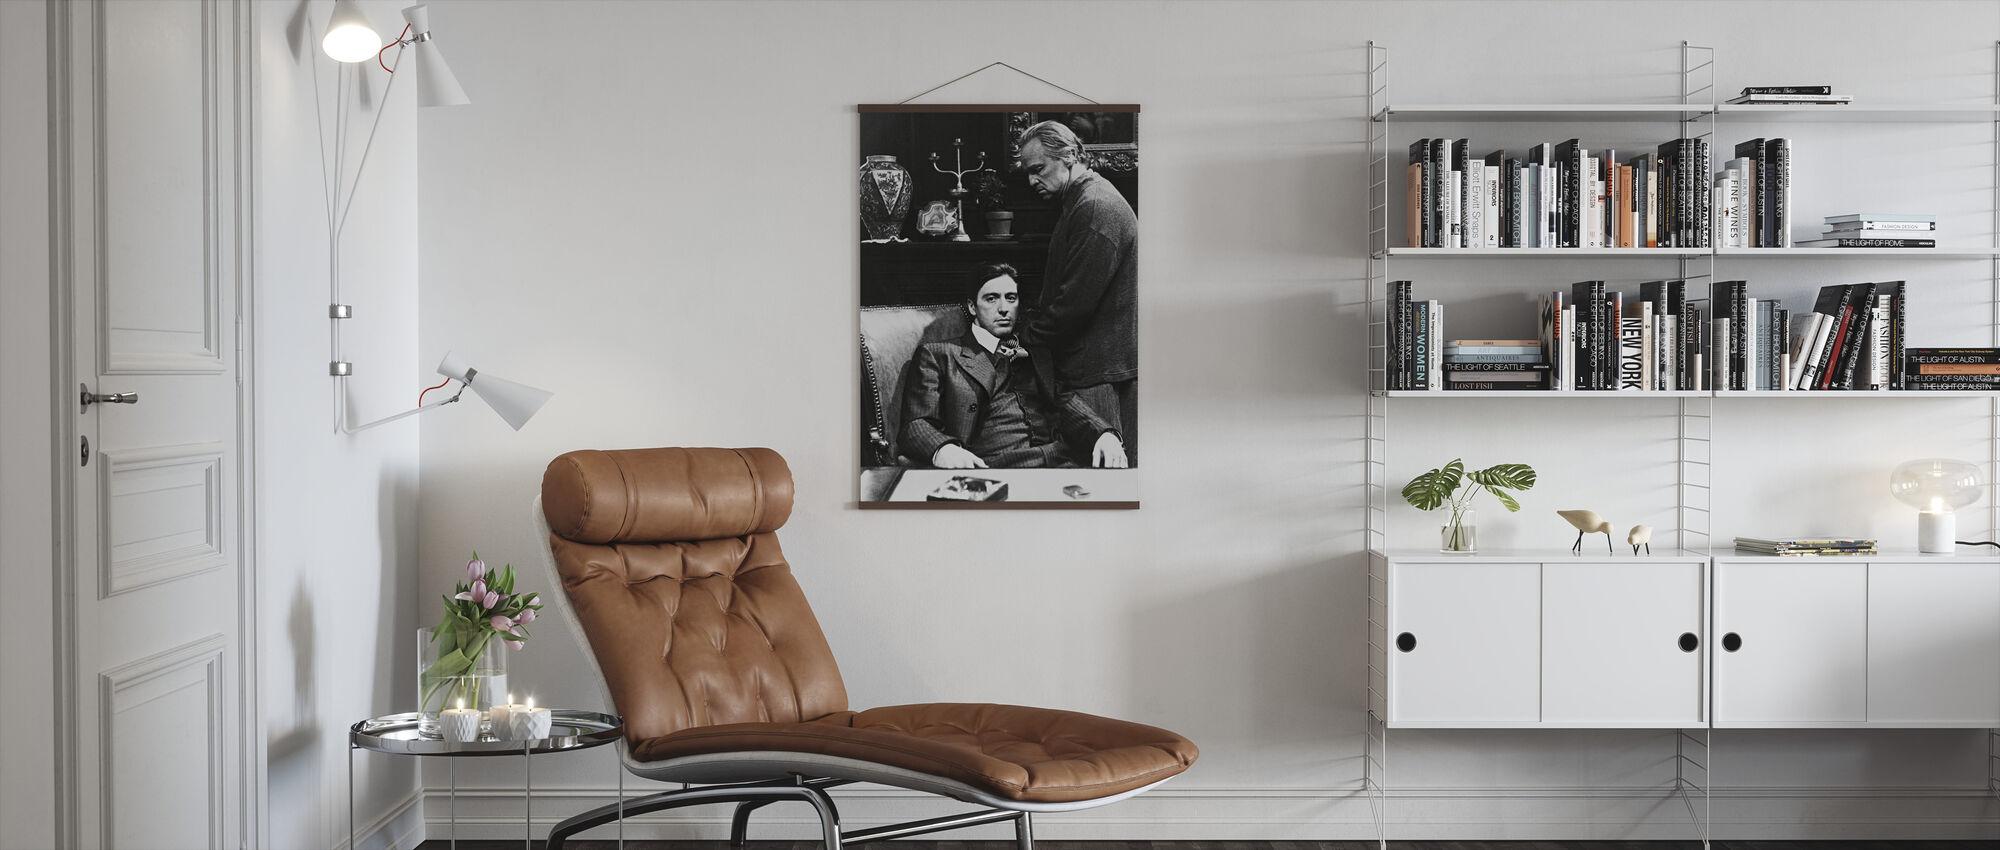 Godfather - Al Pacino and Marlon Brando - Poster - Living Room